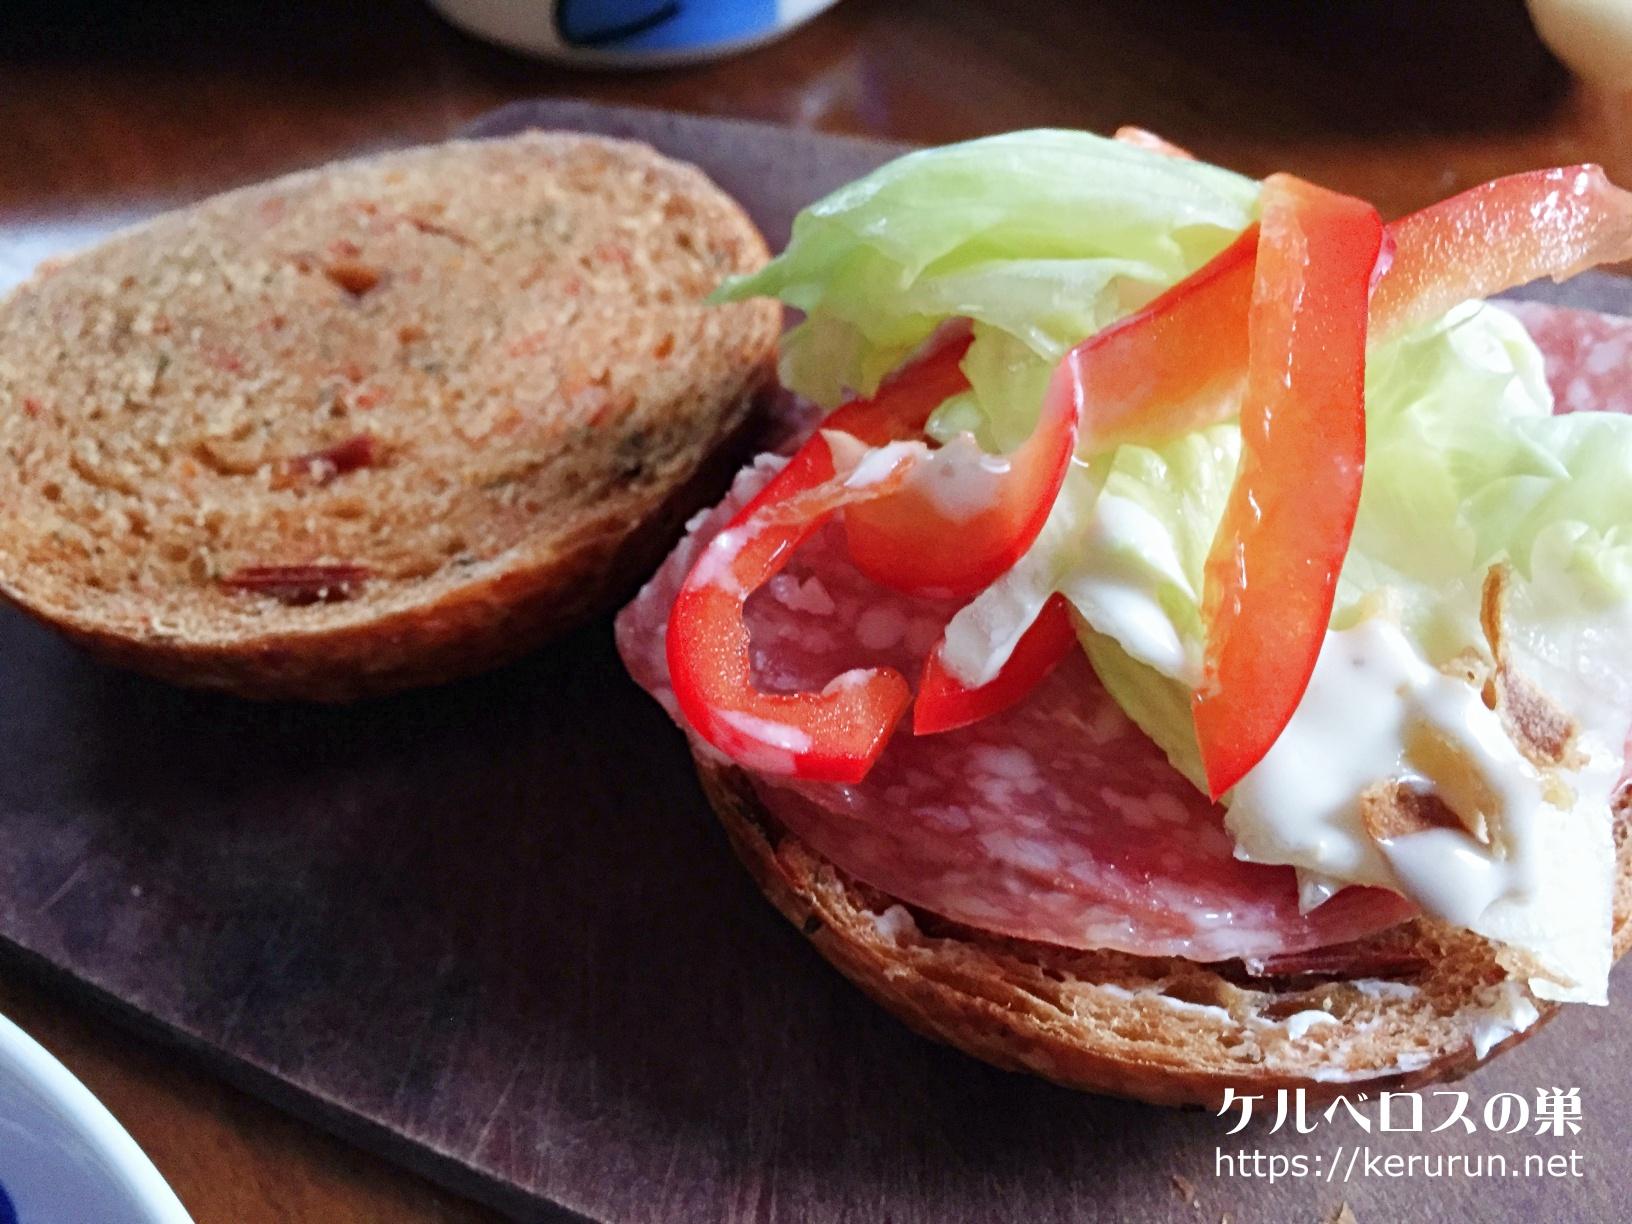 バニトイベーグルのベーグルでサンドイッチのブランチ